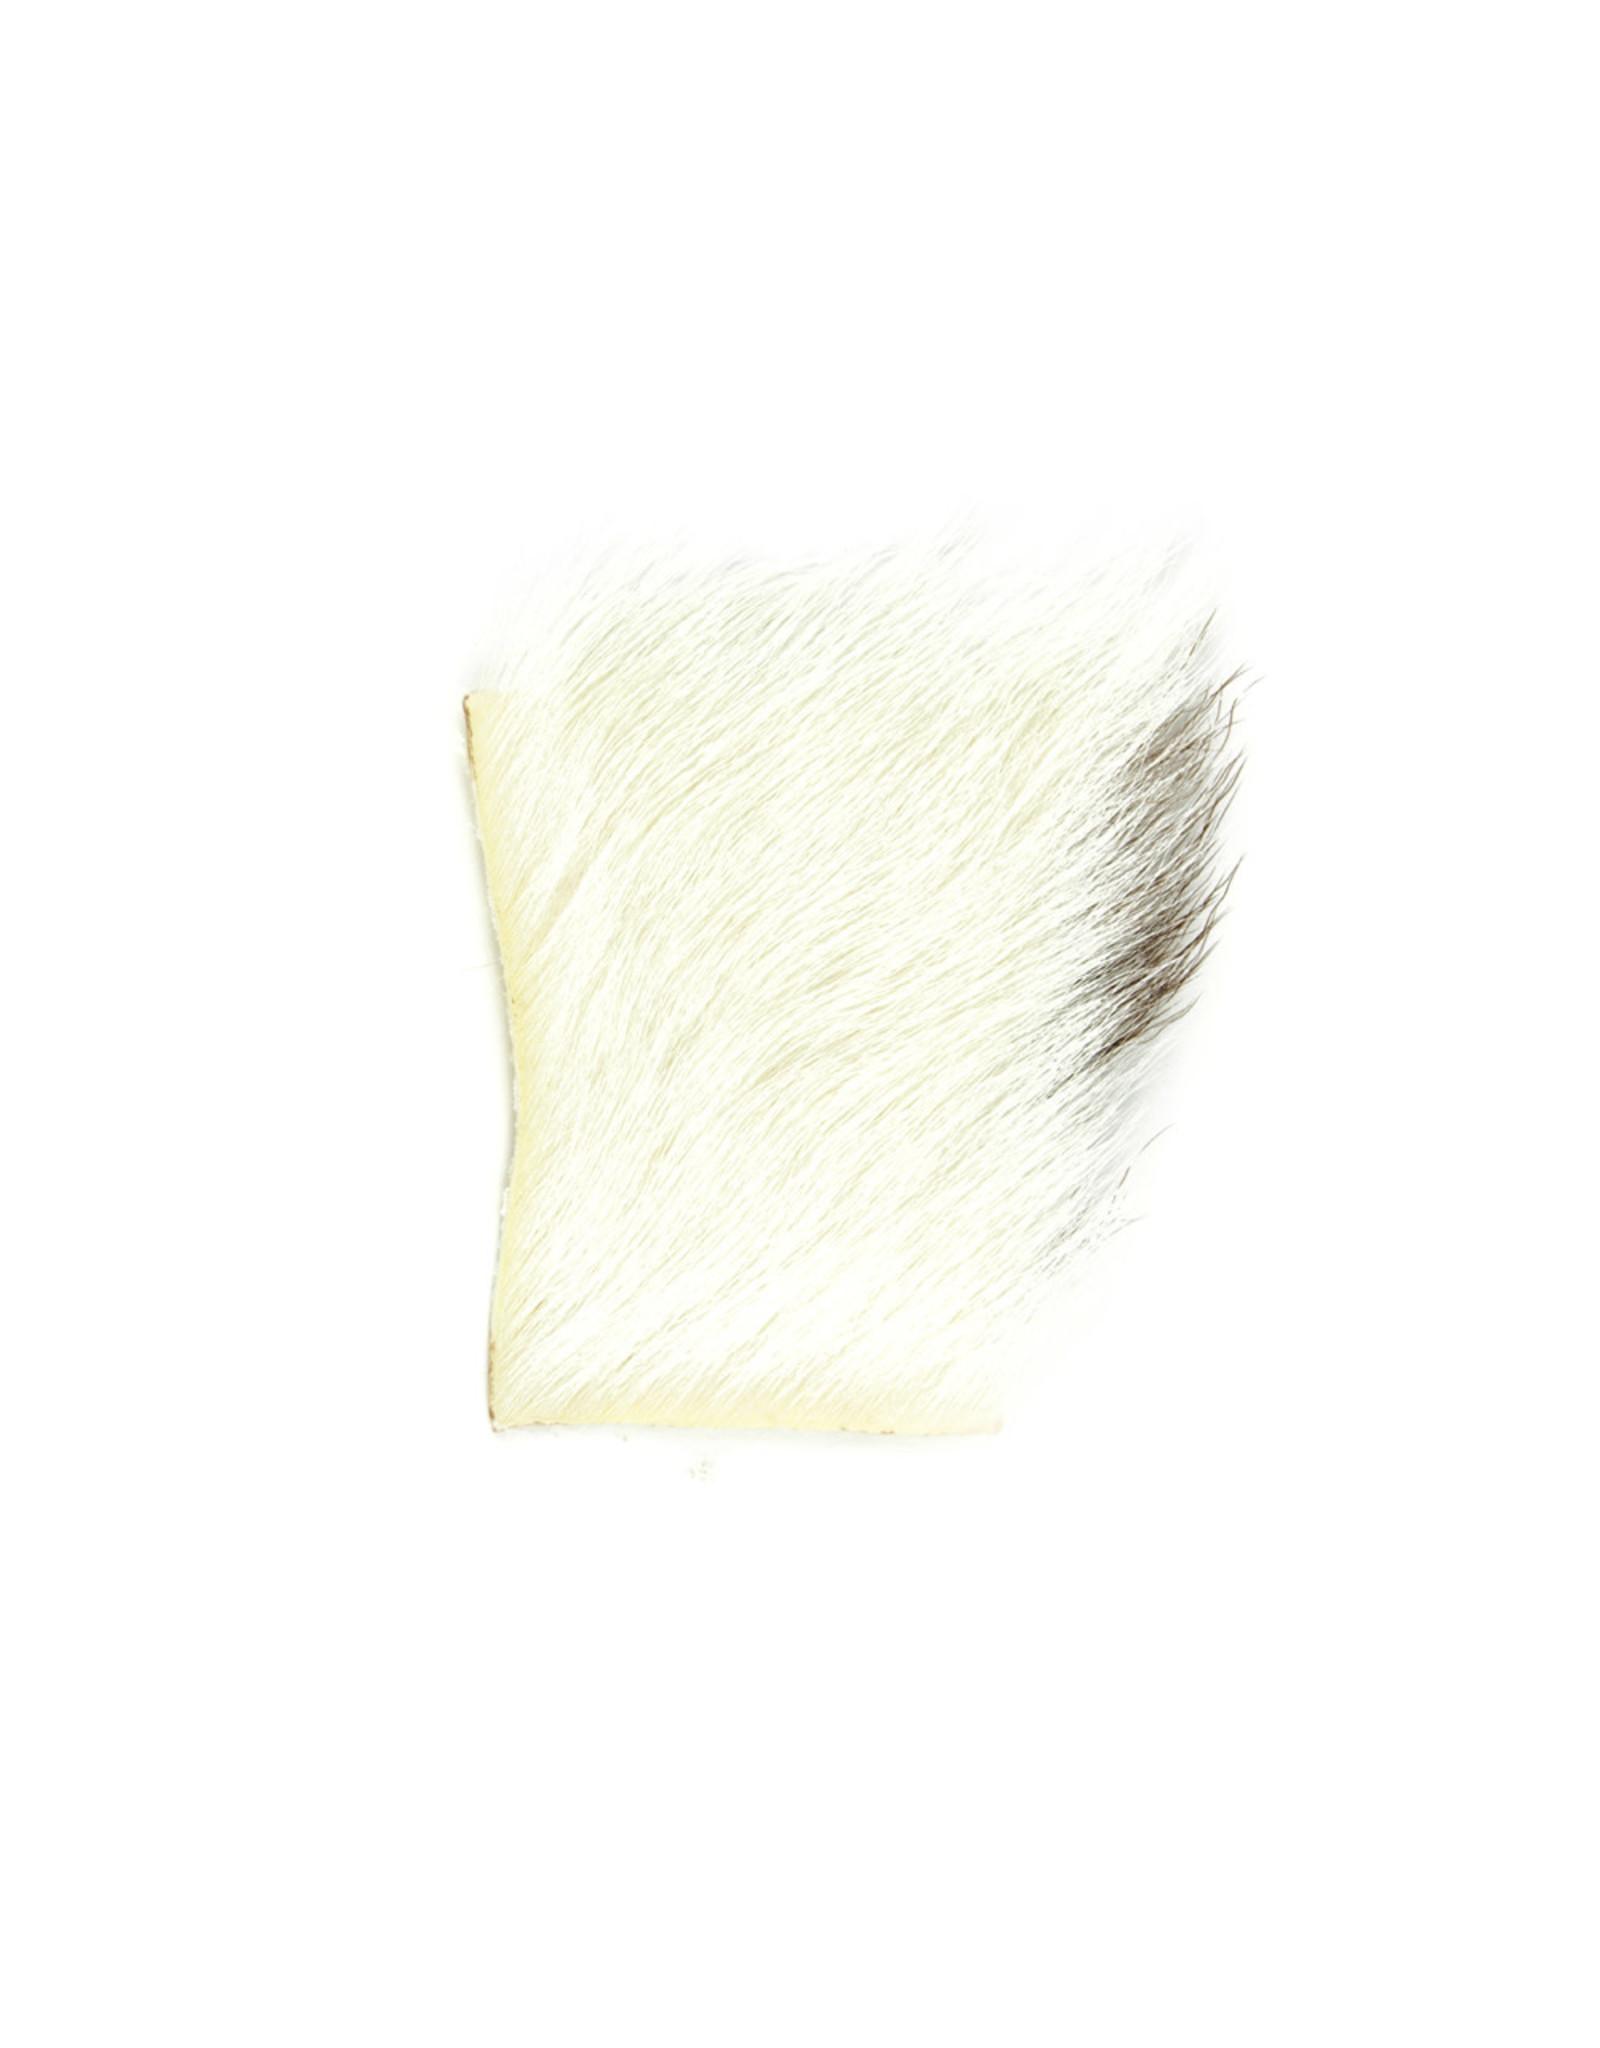 SHOR SHOR Calf Body Hair - Natural White